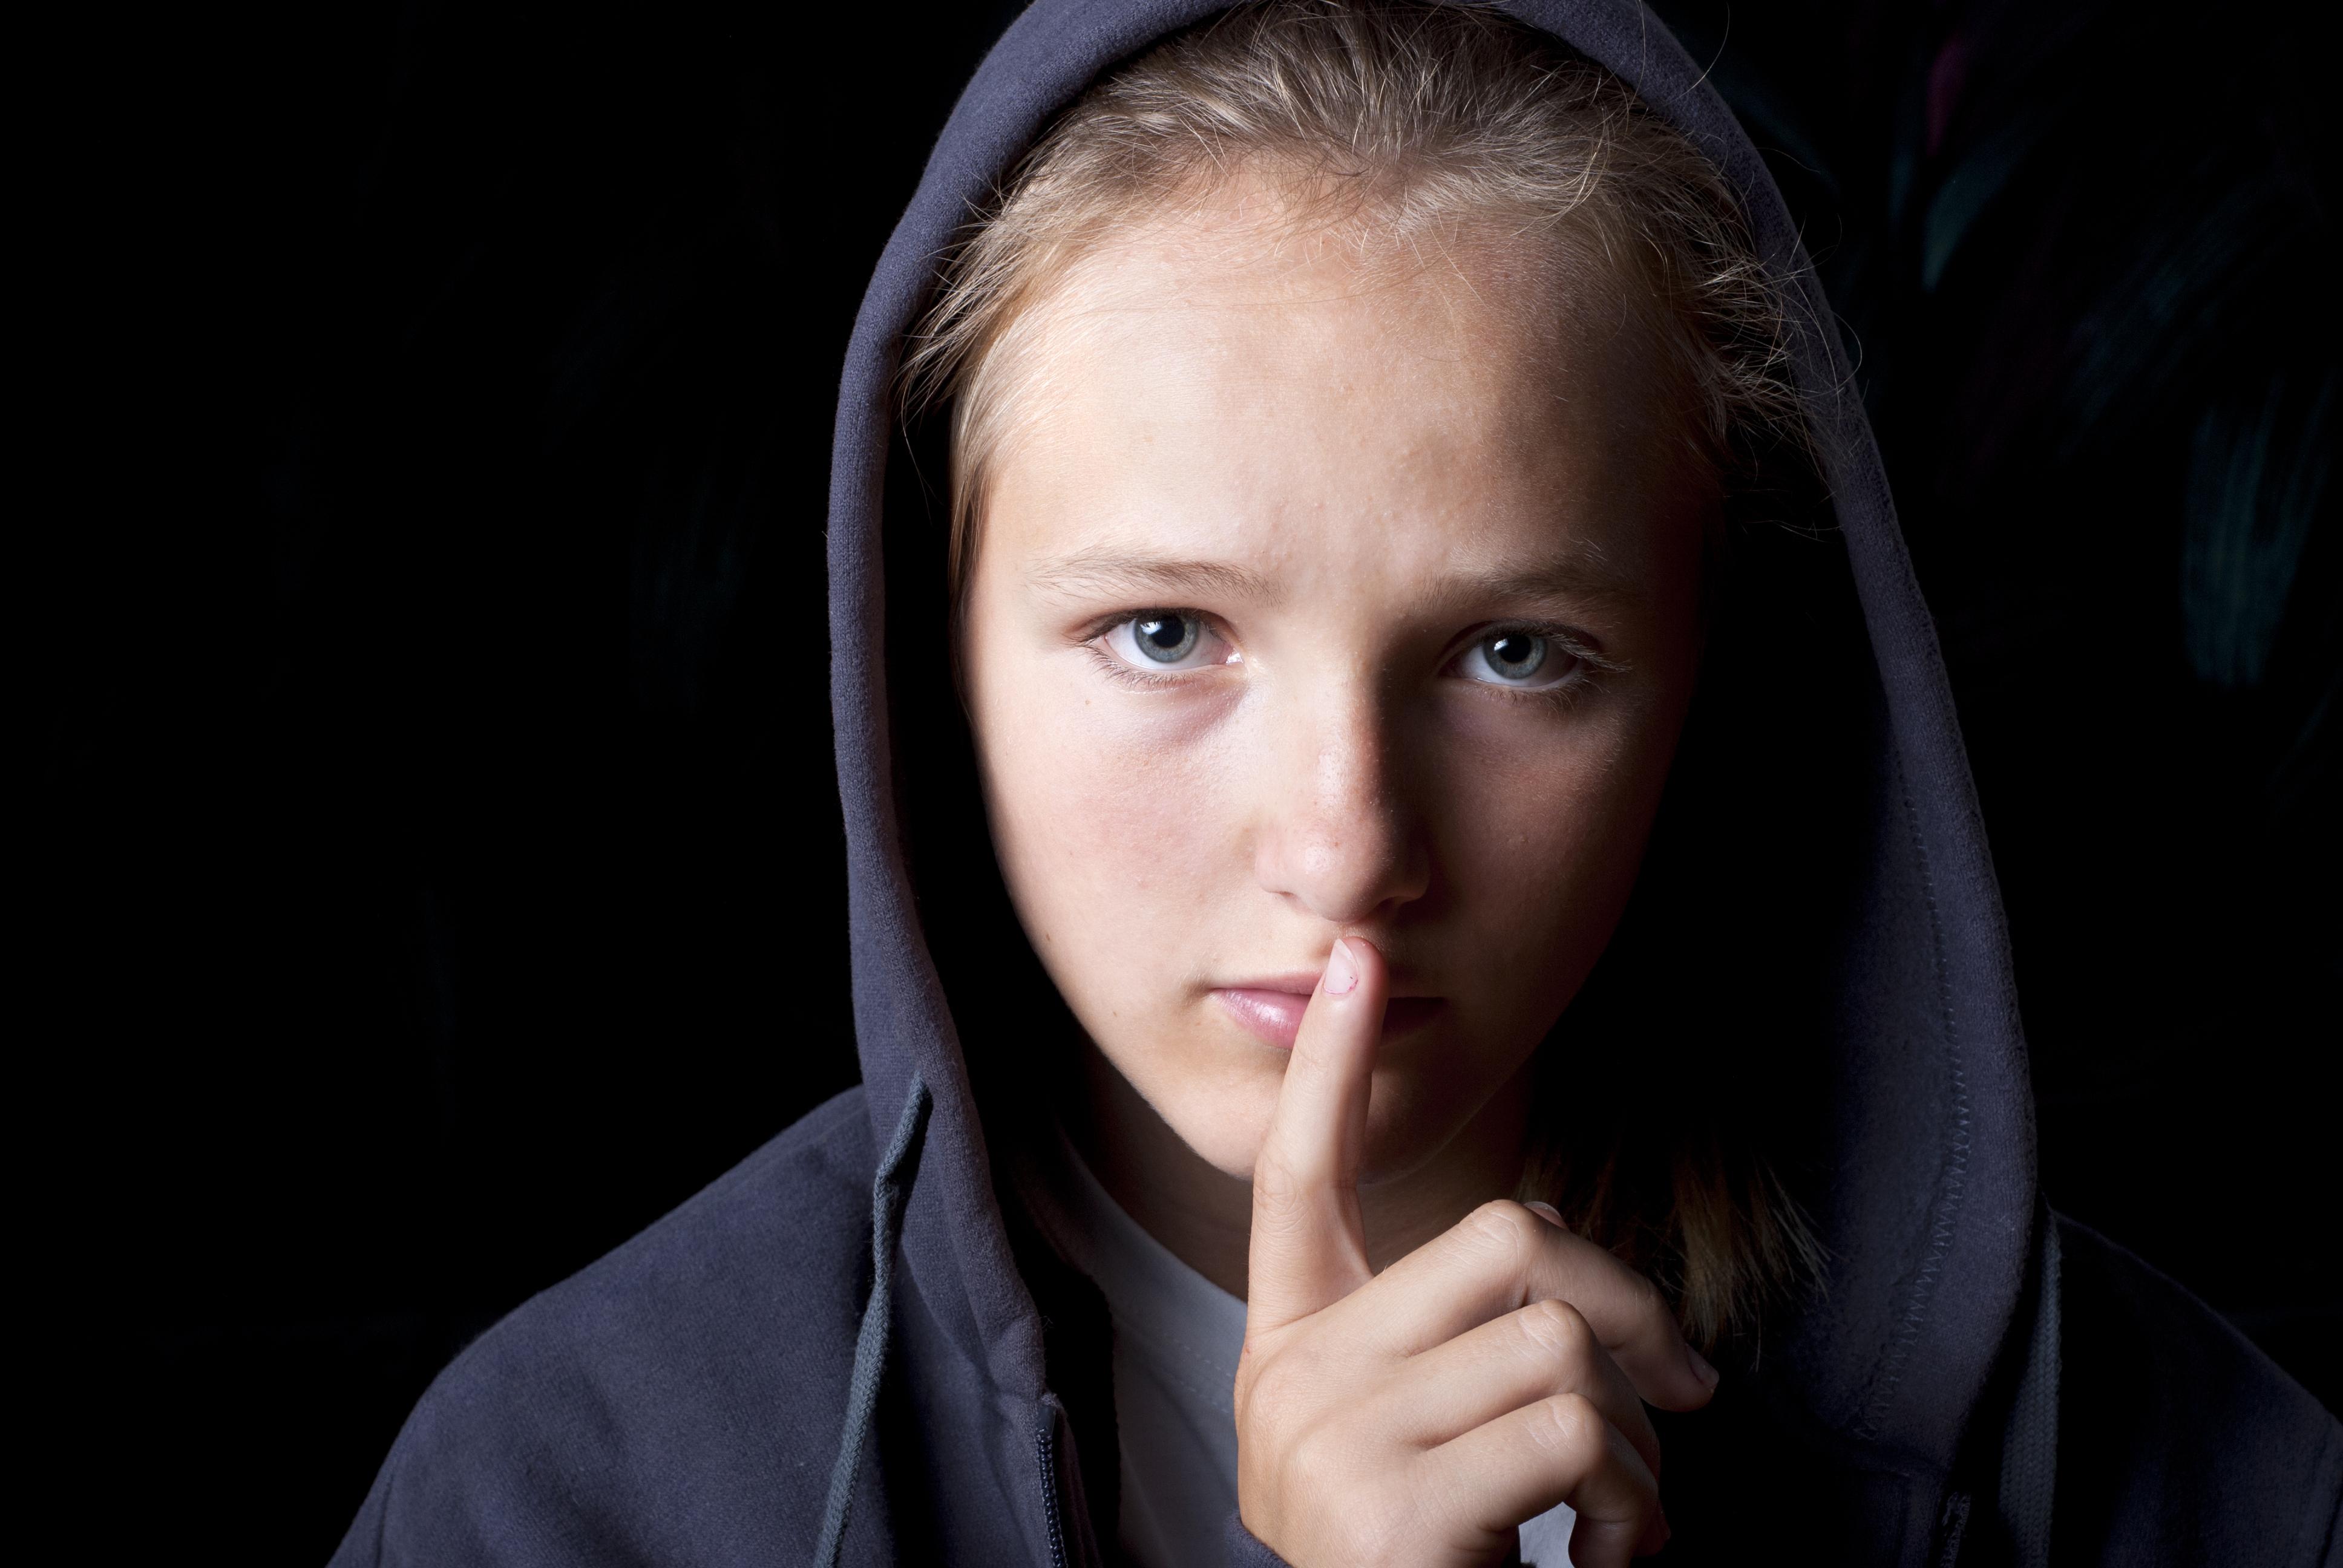 סודות ושקרים בעולם המתבגרים